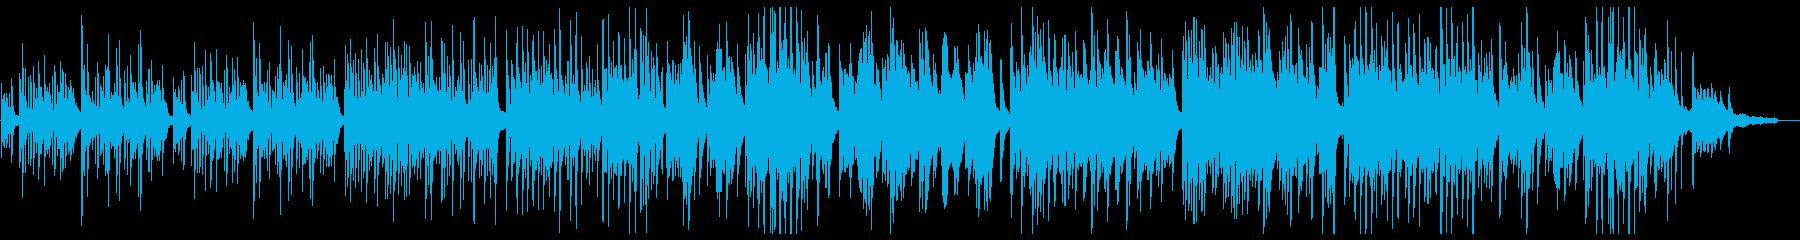 優しく美しいピアノポップスの再生済みの波形